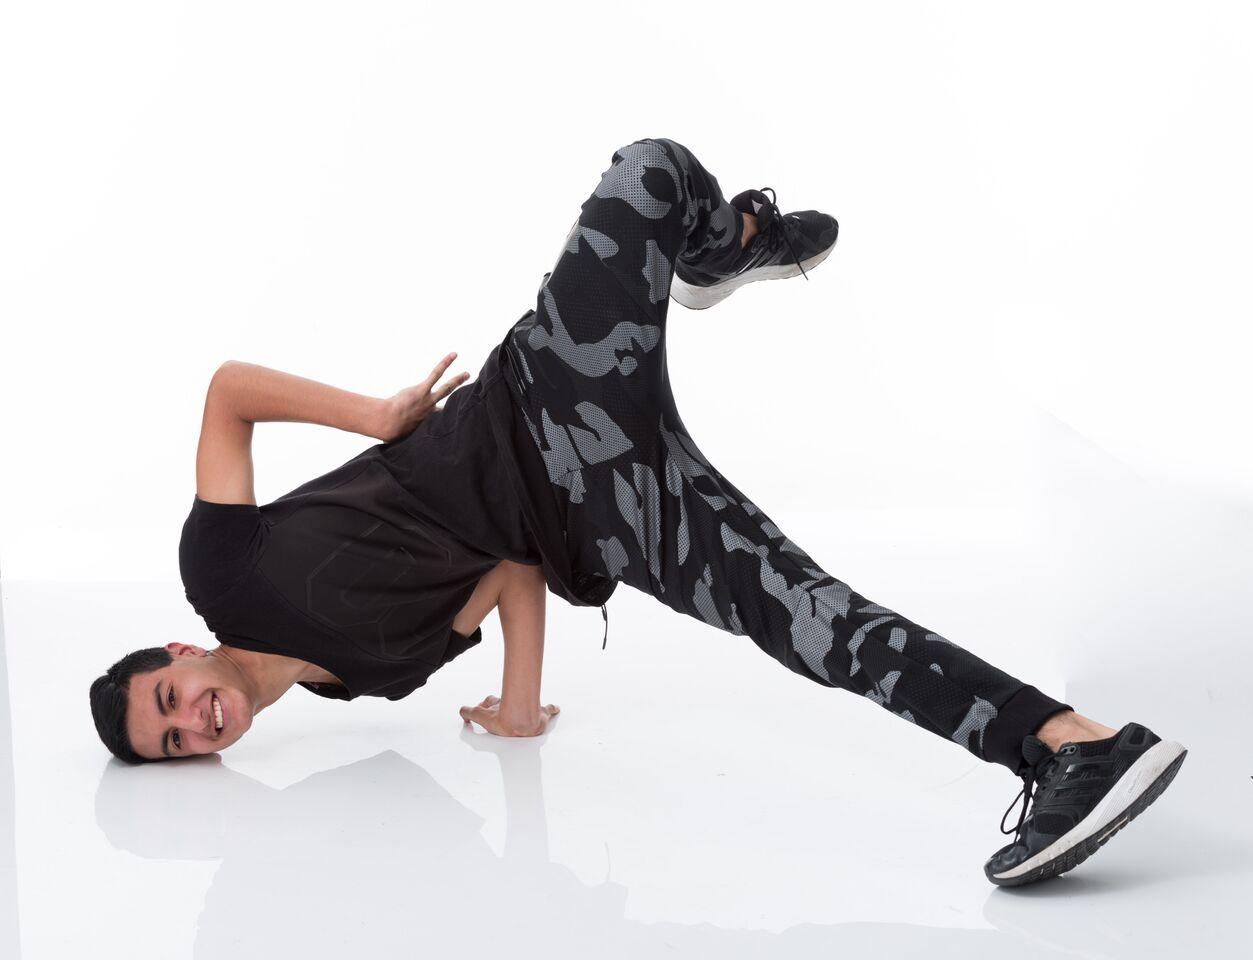 Jordan Some breakdance